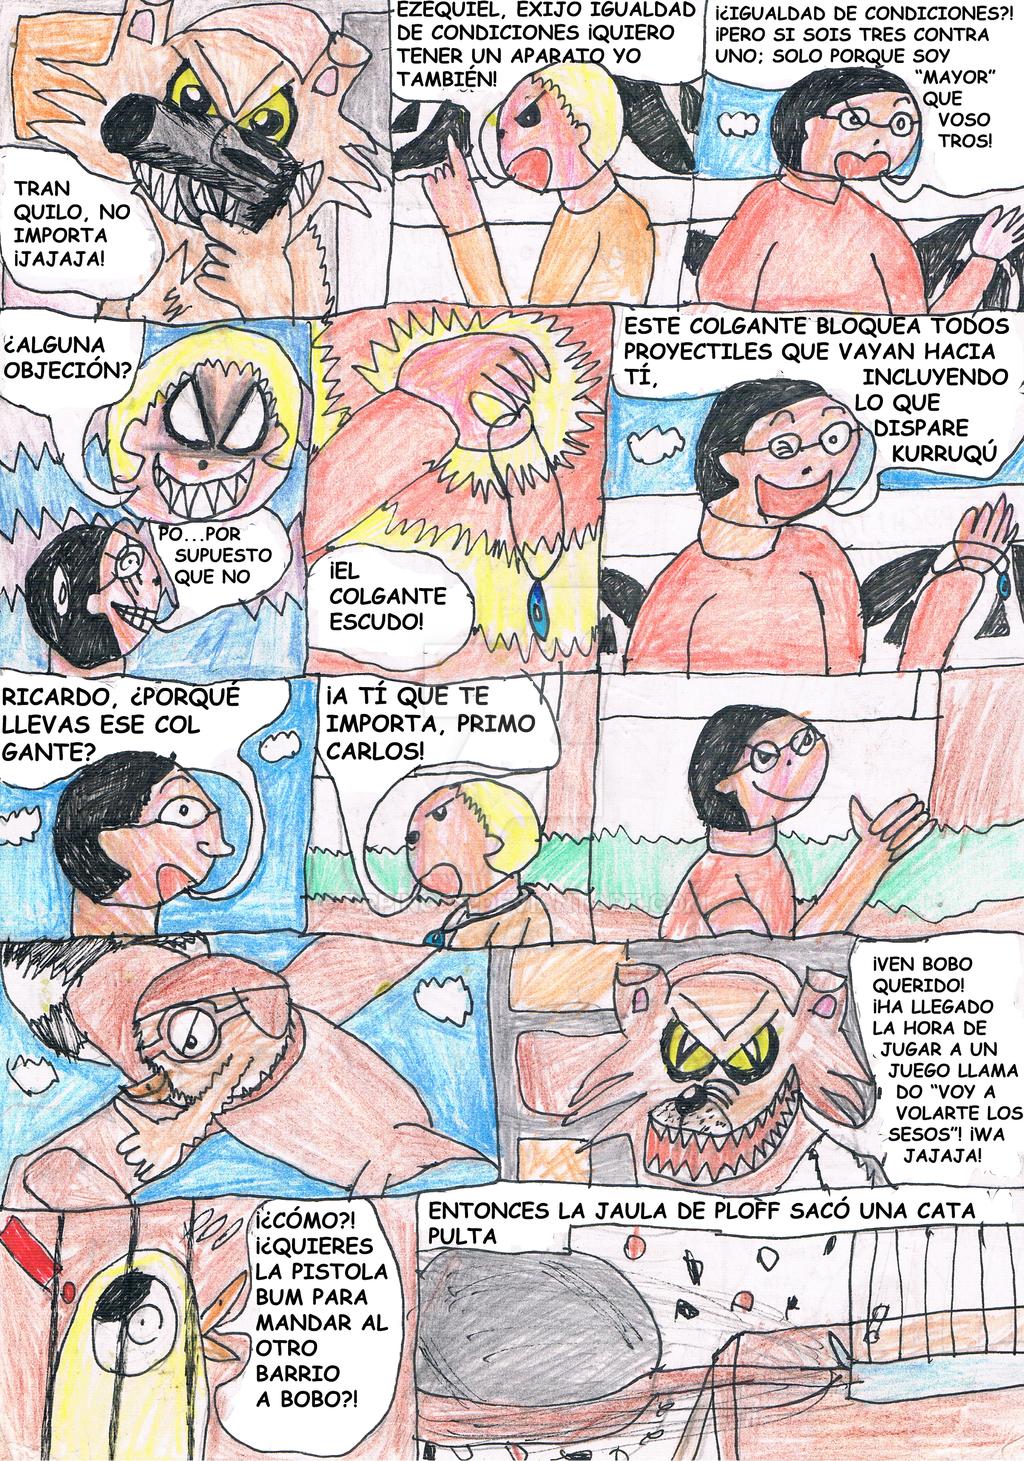 Dando guerra hasta en vacaciones! [Pag5] by DrPingas